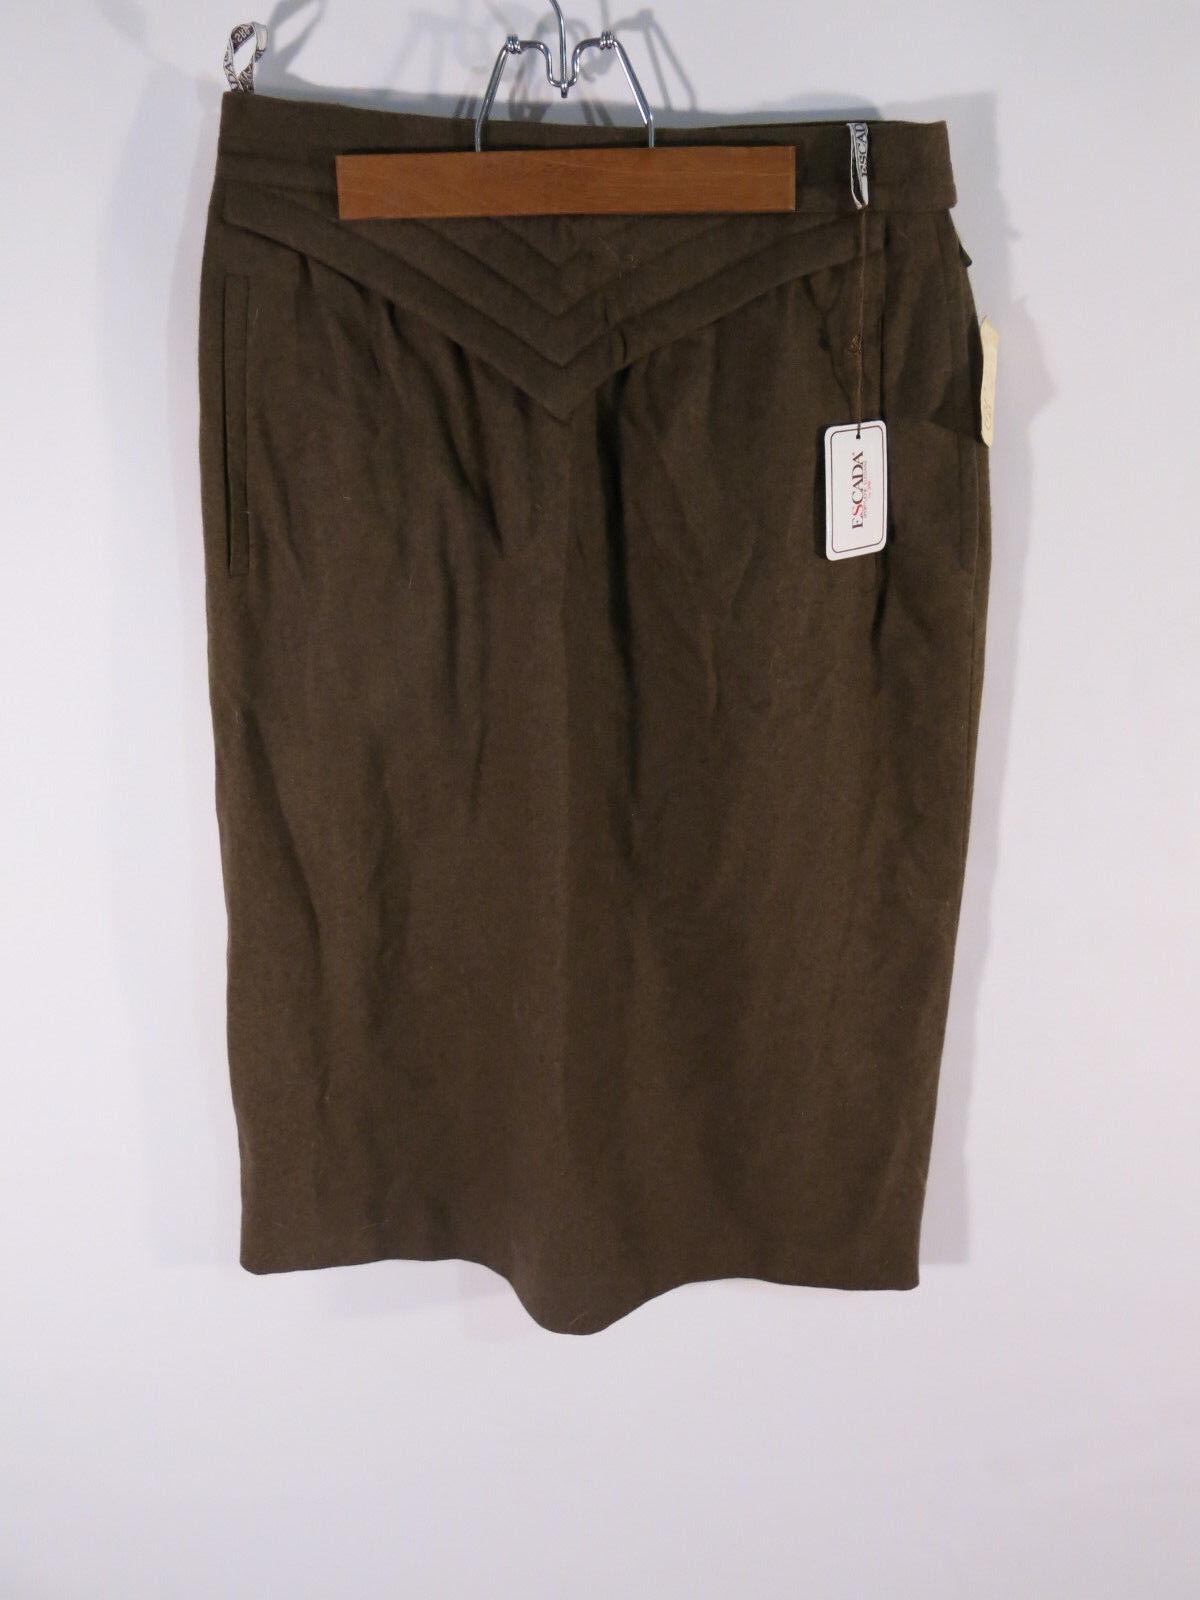 NWT Escada Green Wool Pencil Skirt Size 40 US 10 M L Vintage SRB W Germany